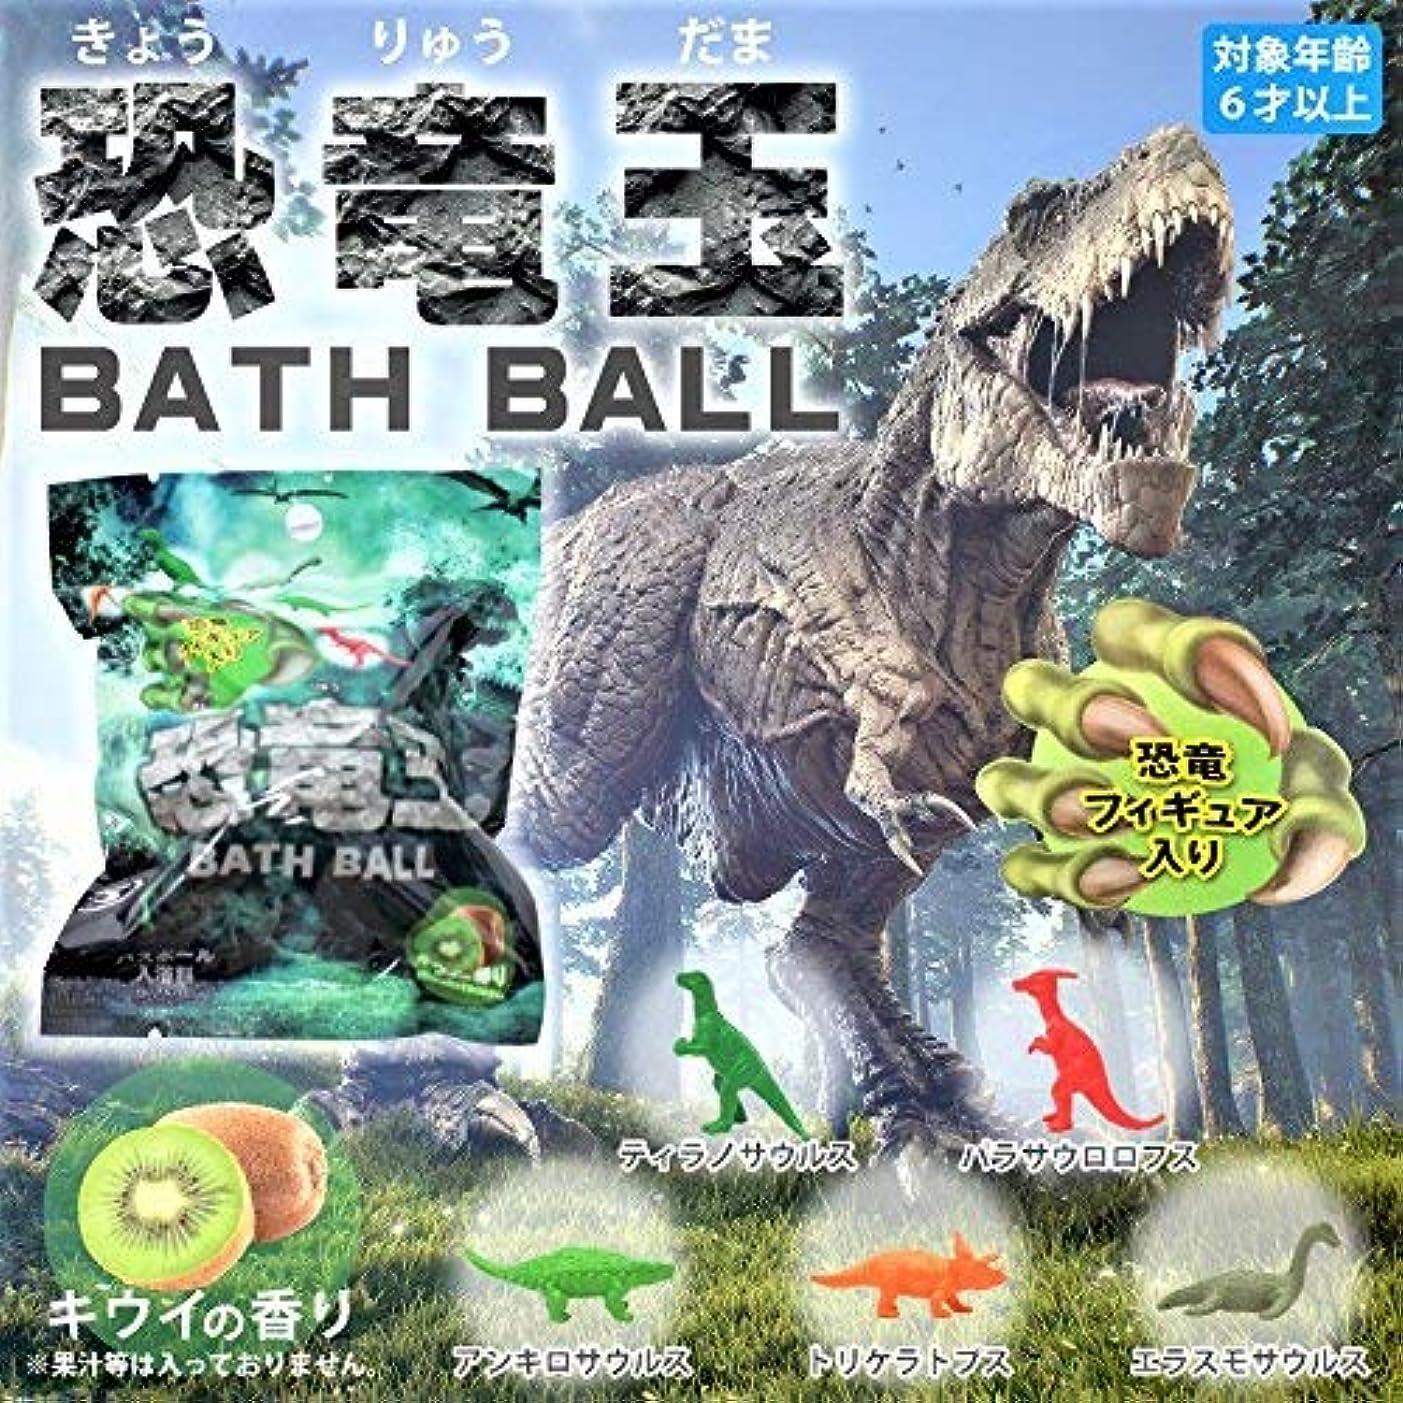 恐竜玉バスボール 24個1セット キウイの香り 恐竜フィギュア入りバスボール 入浴剤